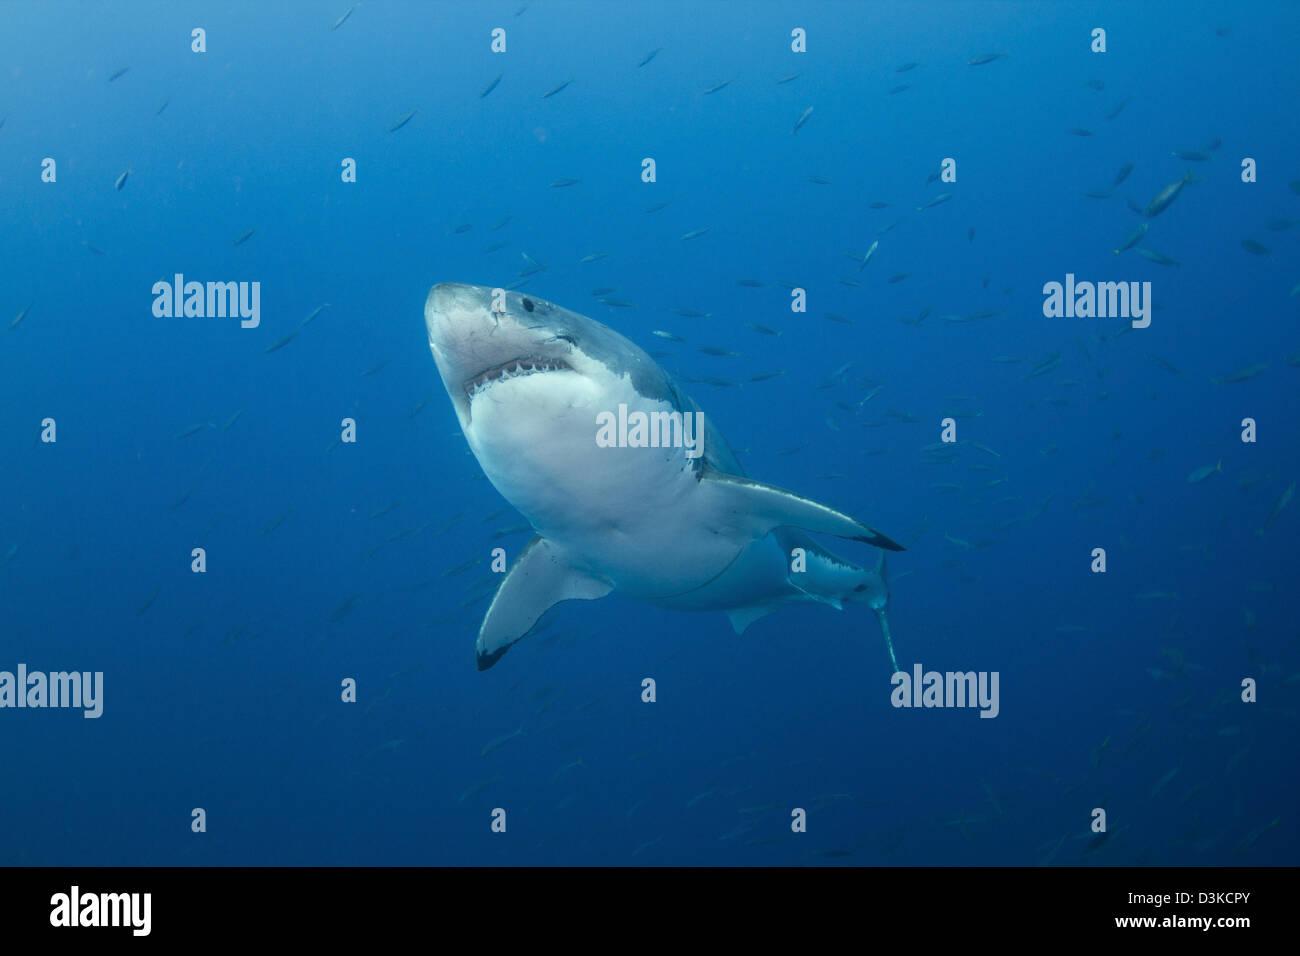 Wunderbar Hai äußere Anatomie Ideen - Anatomie Von Menschlichen ...